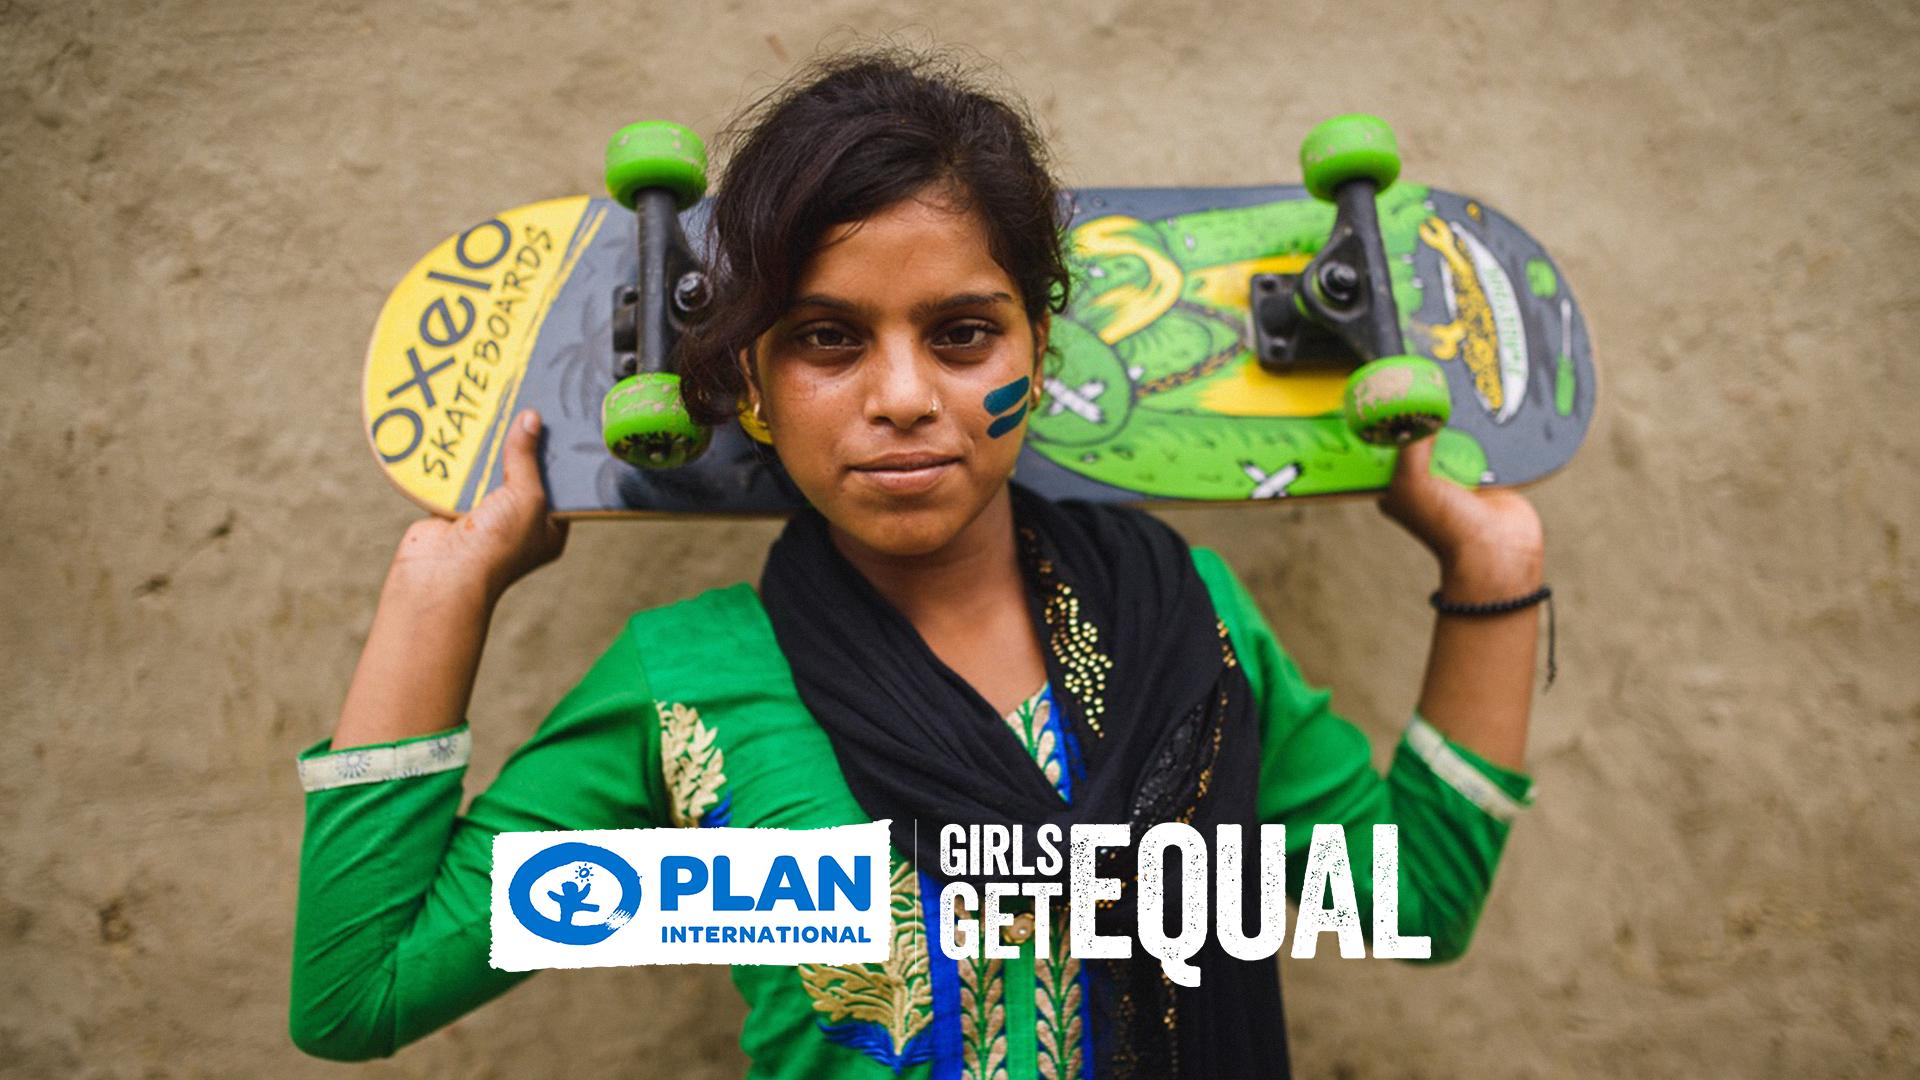 Plan_Girls-Get-Equal_03.jpg